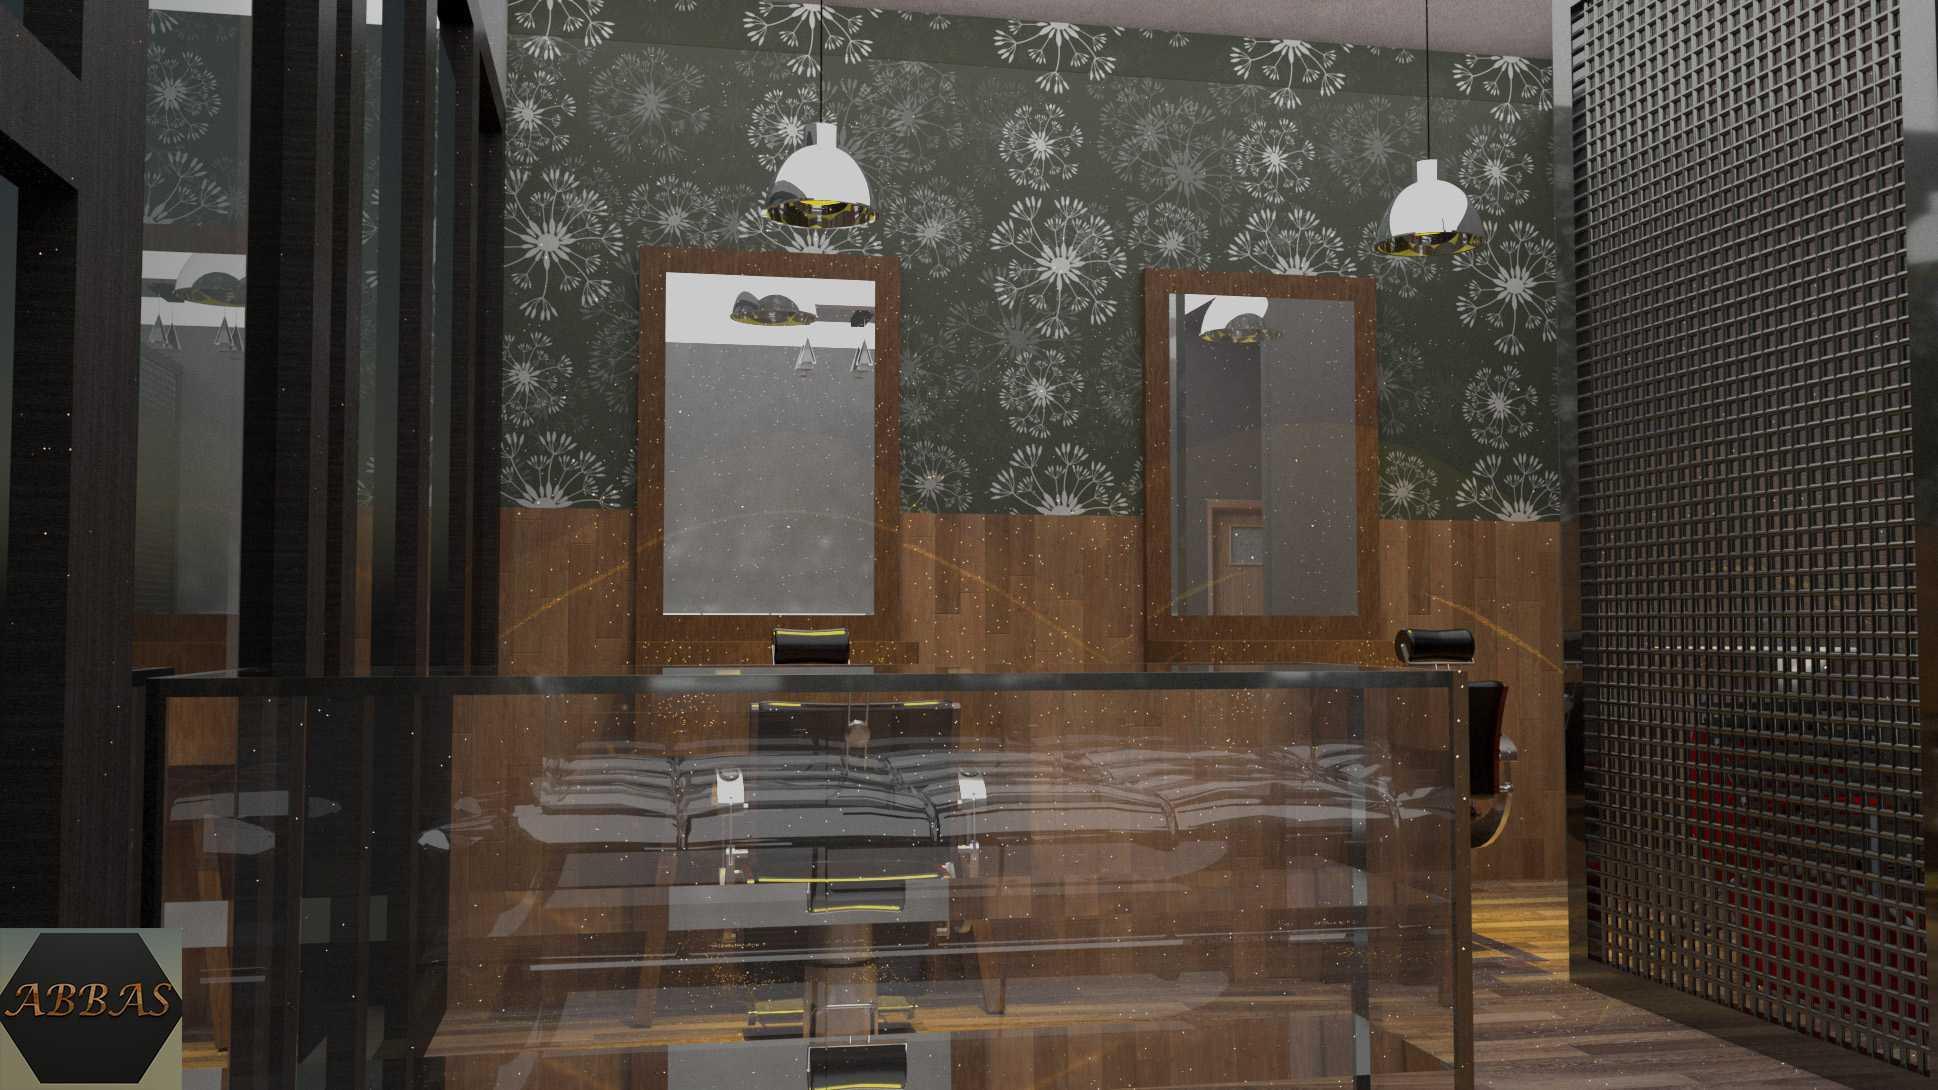 Abbas Design Construction Desain Interior Barbershop Blb Metro, Kota Metro, Lampung, Indonesia Metro, Kota Metro, Lampung, Indonesia Abbasdc-Desain-Interior-Barbershop-Milik-Bapak-Lingga-B  59067